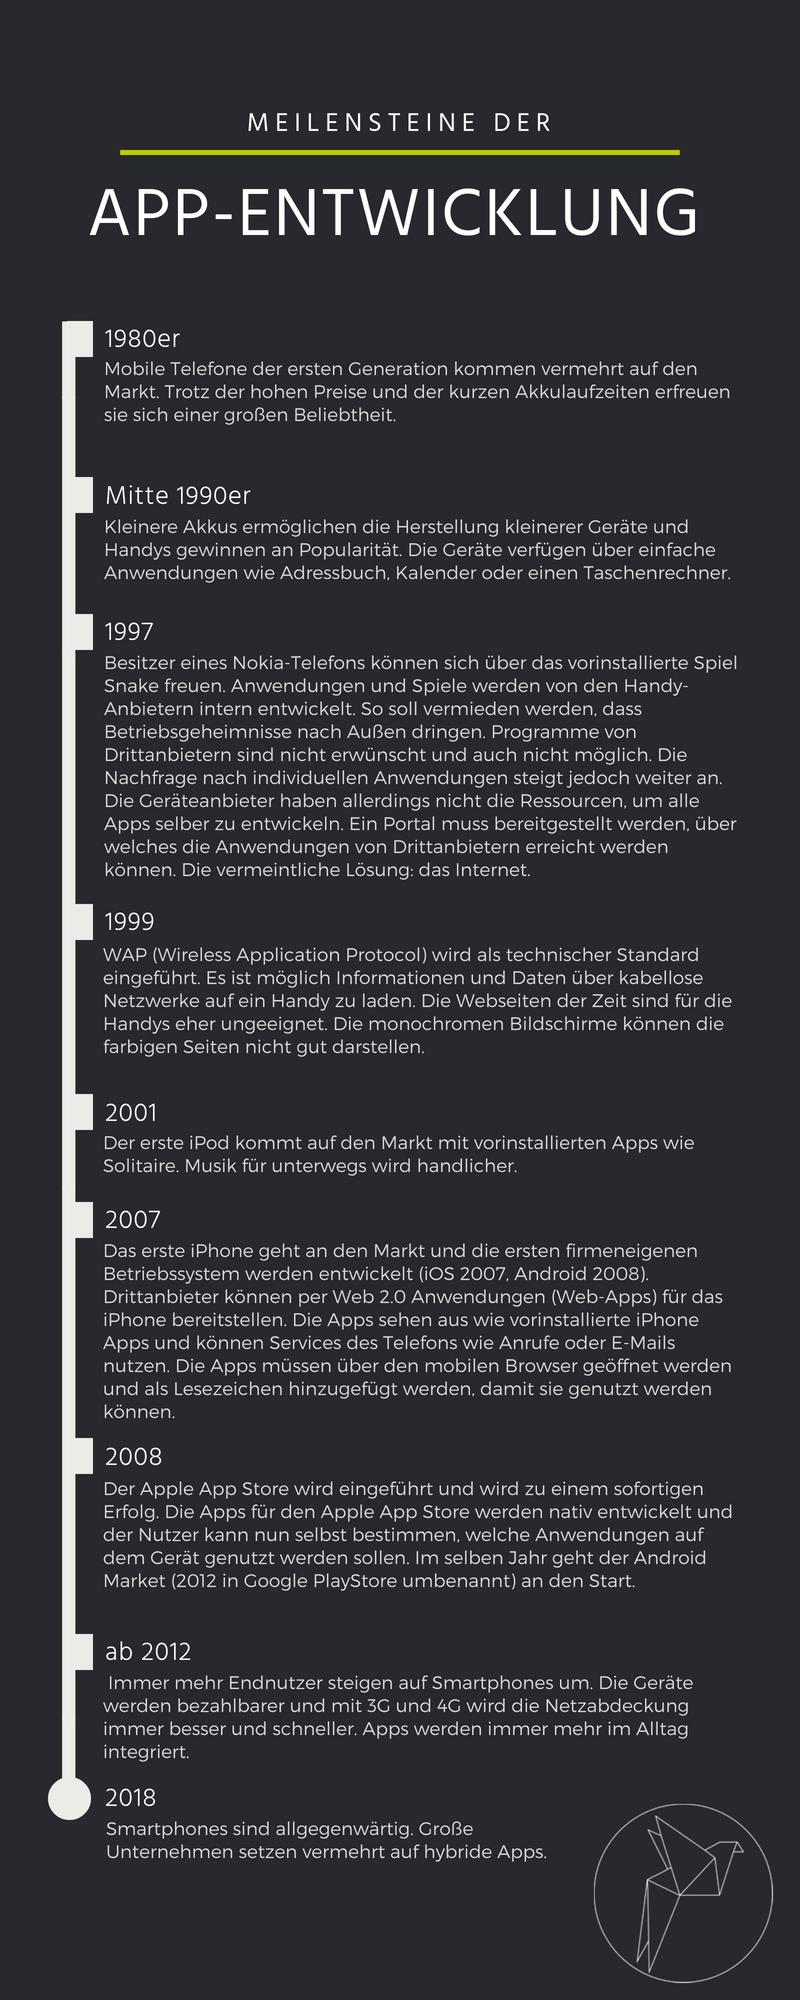 Infografik zu den Meilensteinen der App-Entwicklung